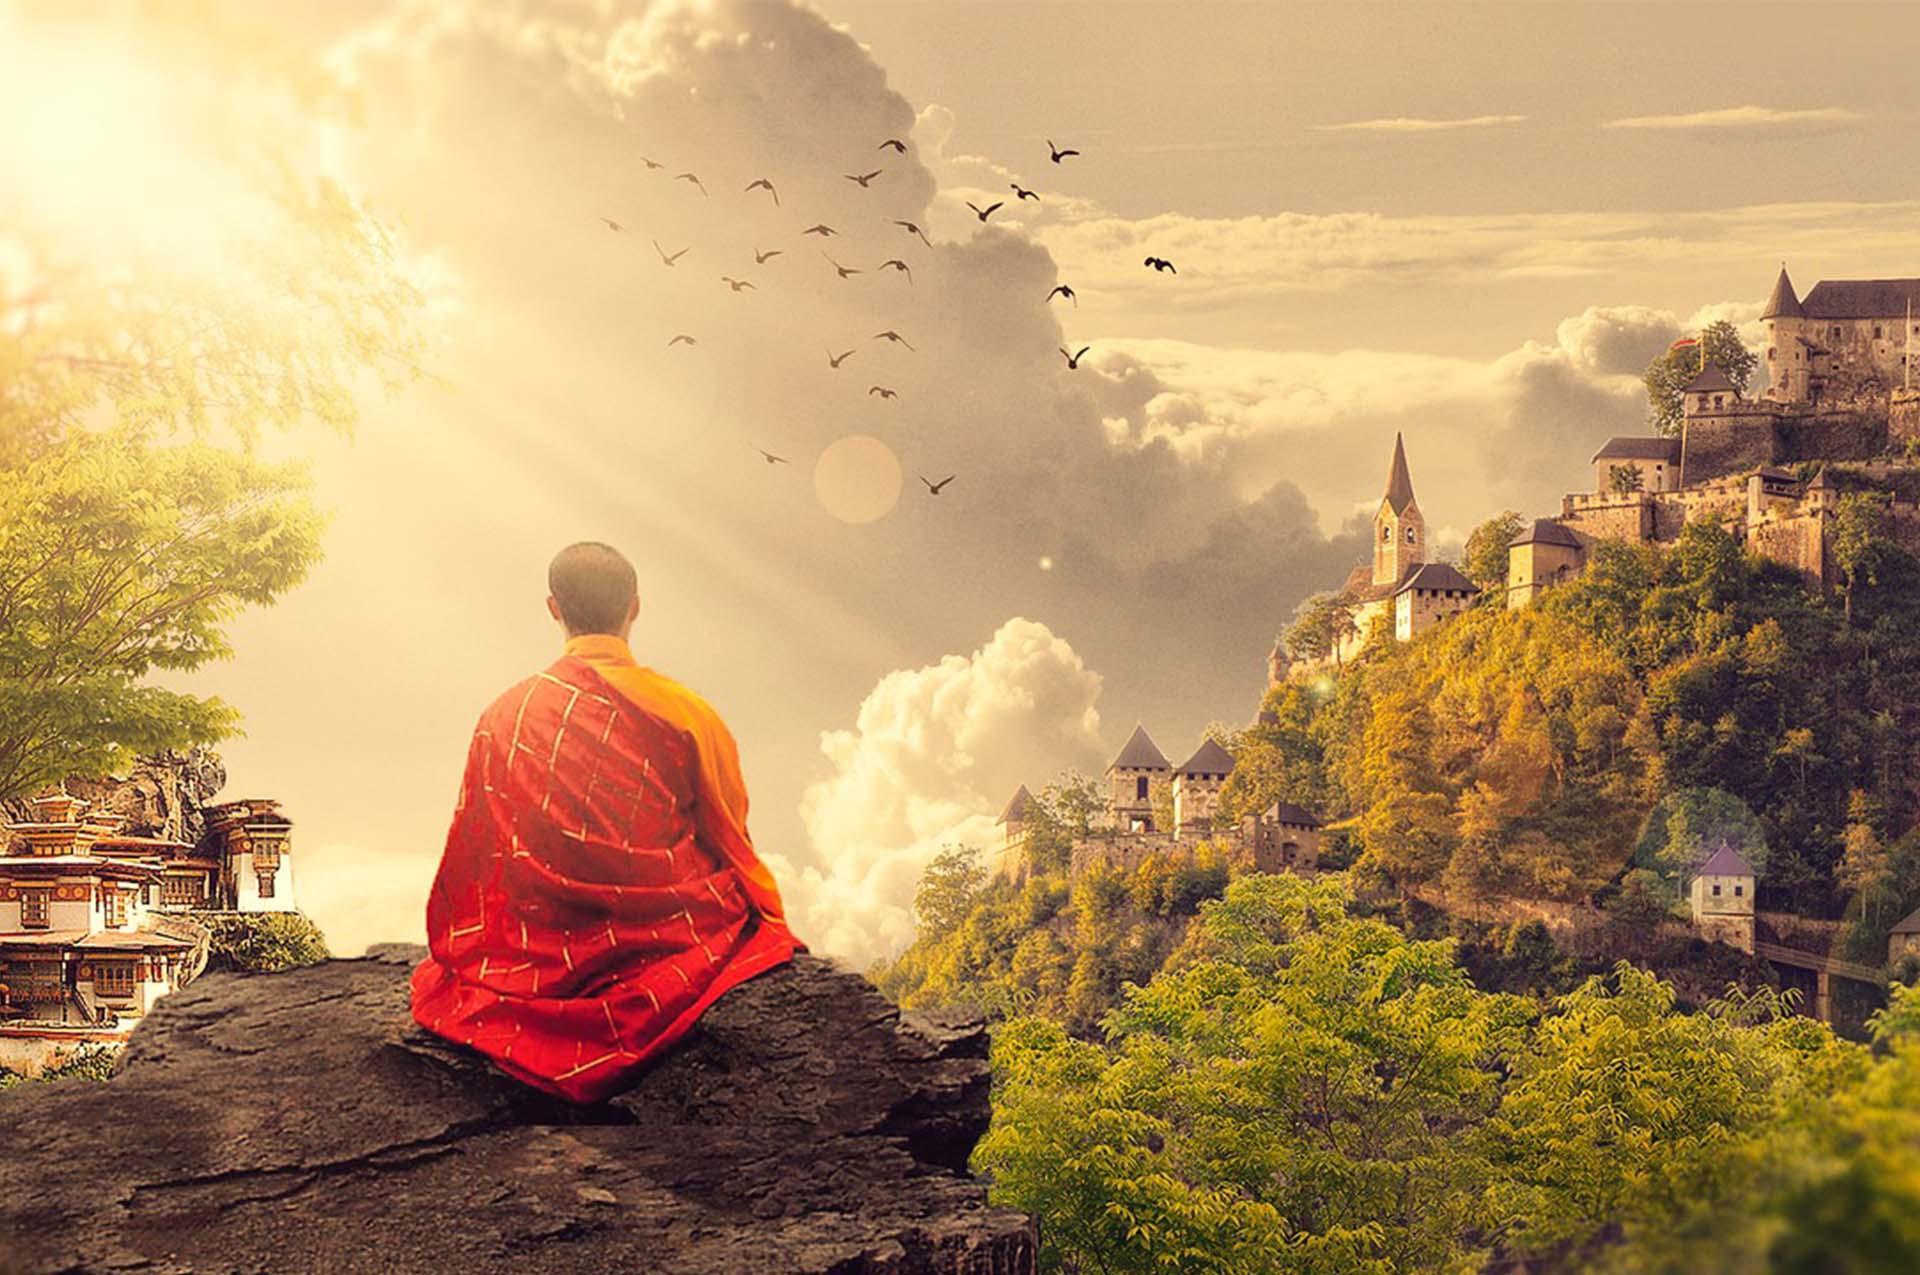 Mozek v příboji meditace